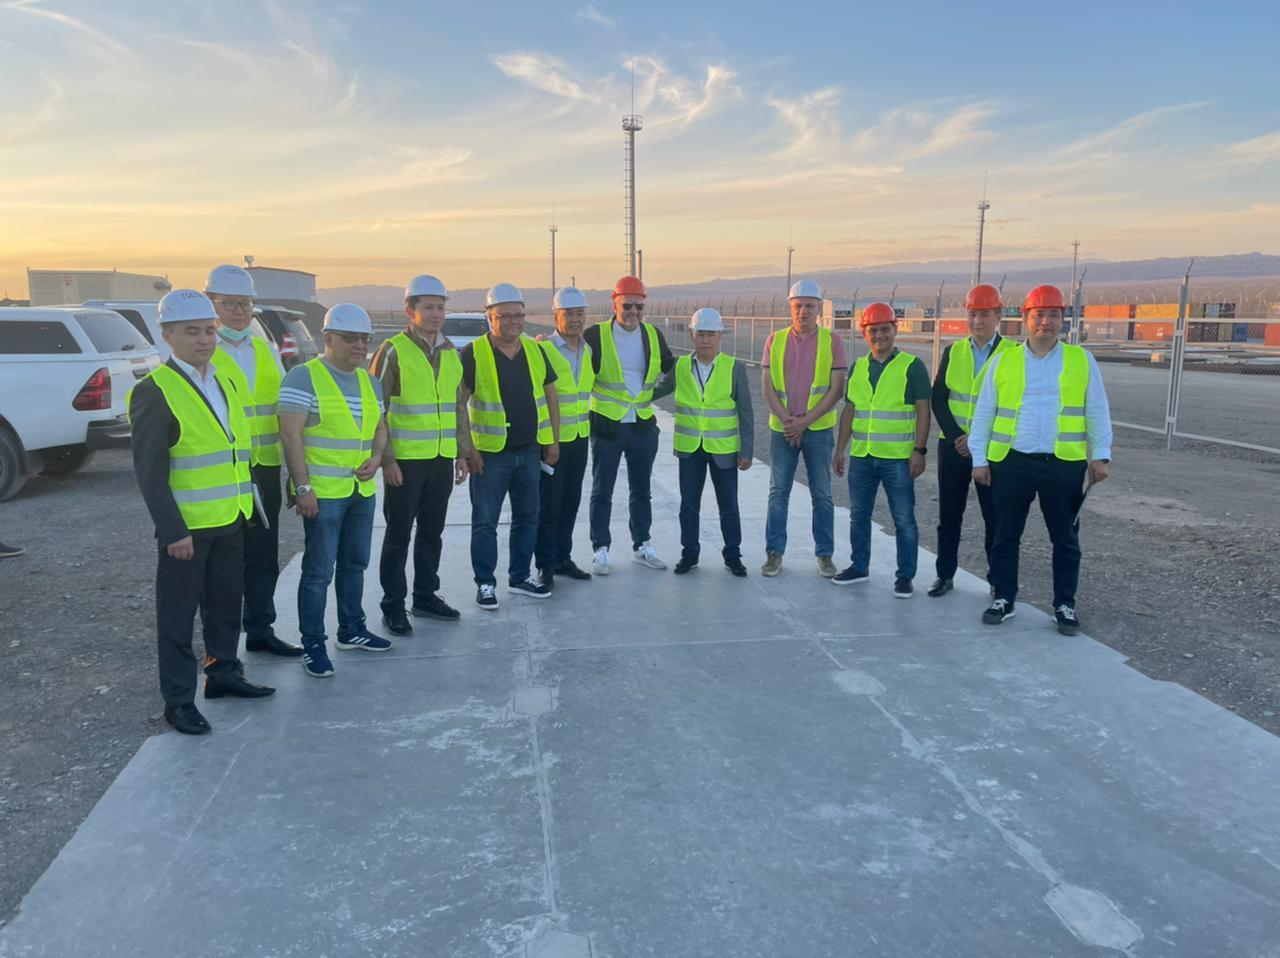 PTC Cargo стал партнером крупнейшей объединенной транспортно-логистической компании «Евразийский железнодорожный альянс»